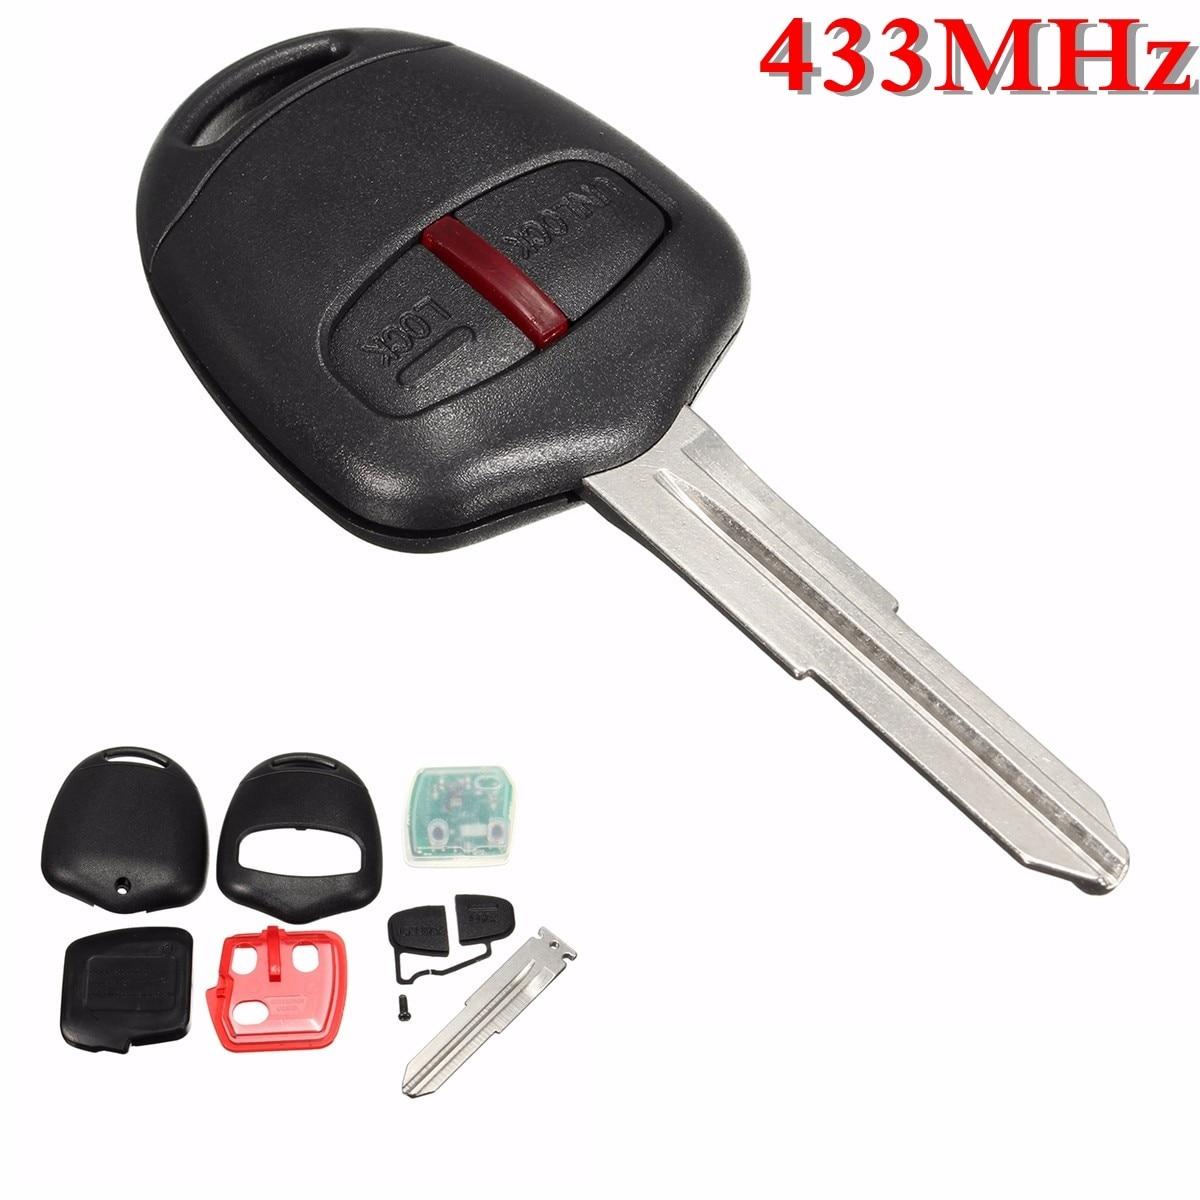 2 Button Remote Key 433MHz ID46 Chips For Mitsubishi L200 Shogun Pajero Triton